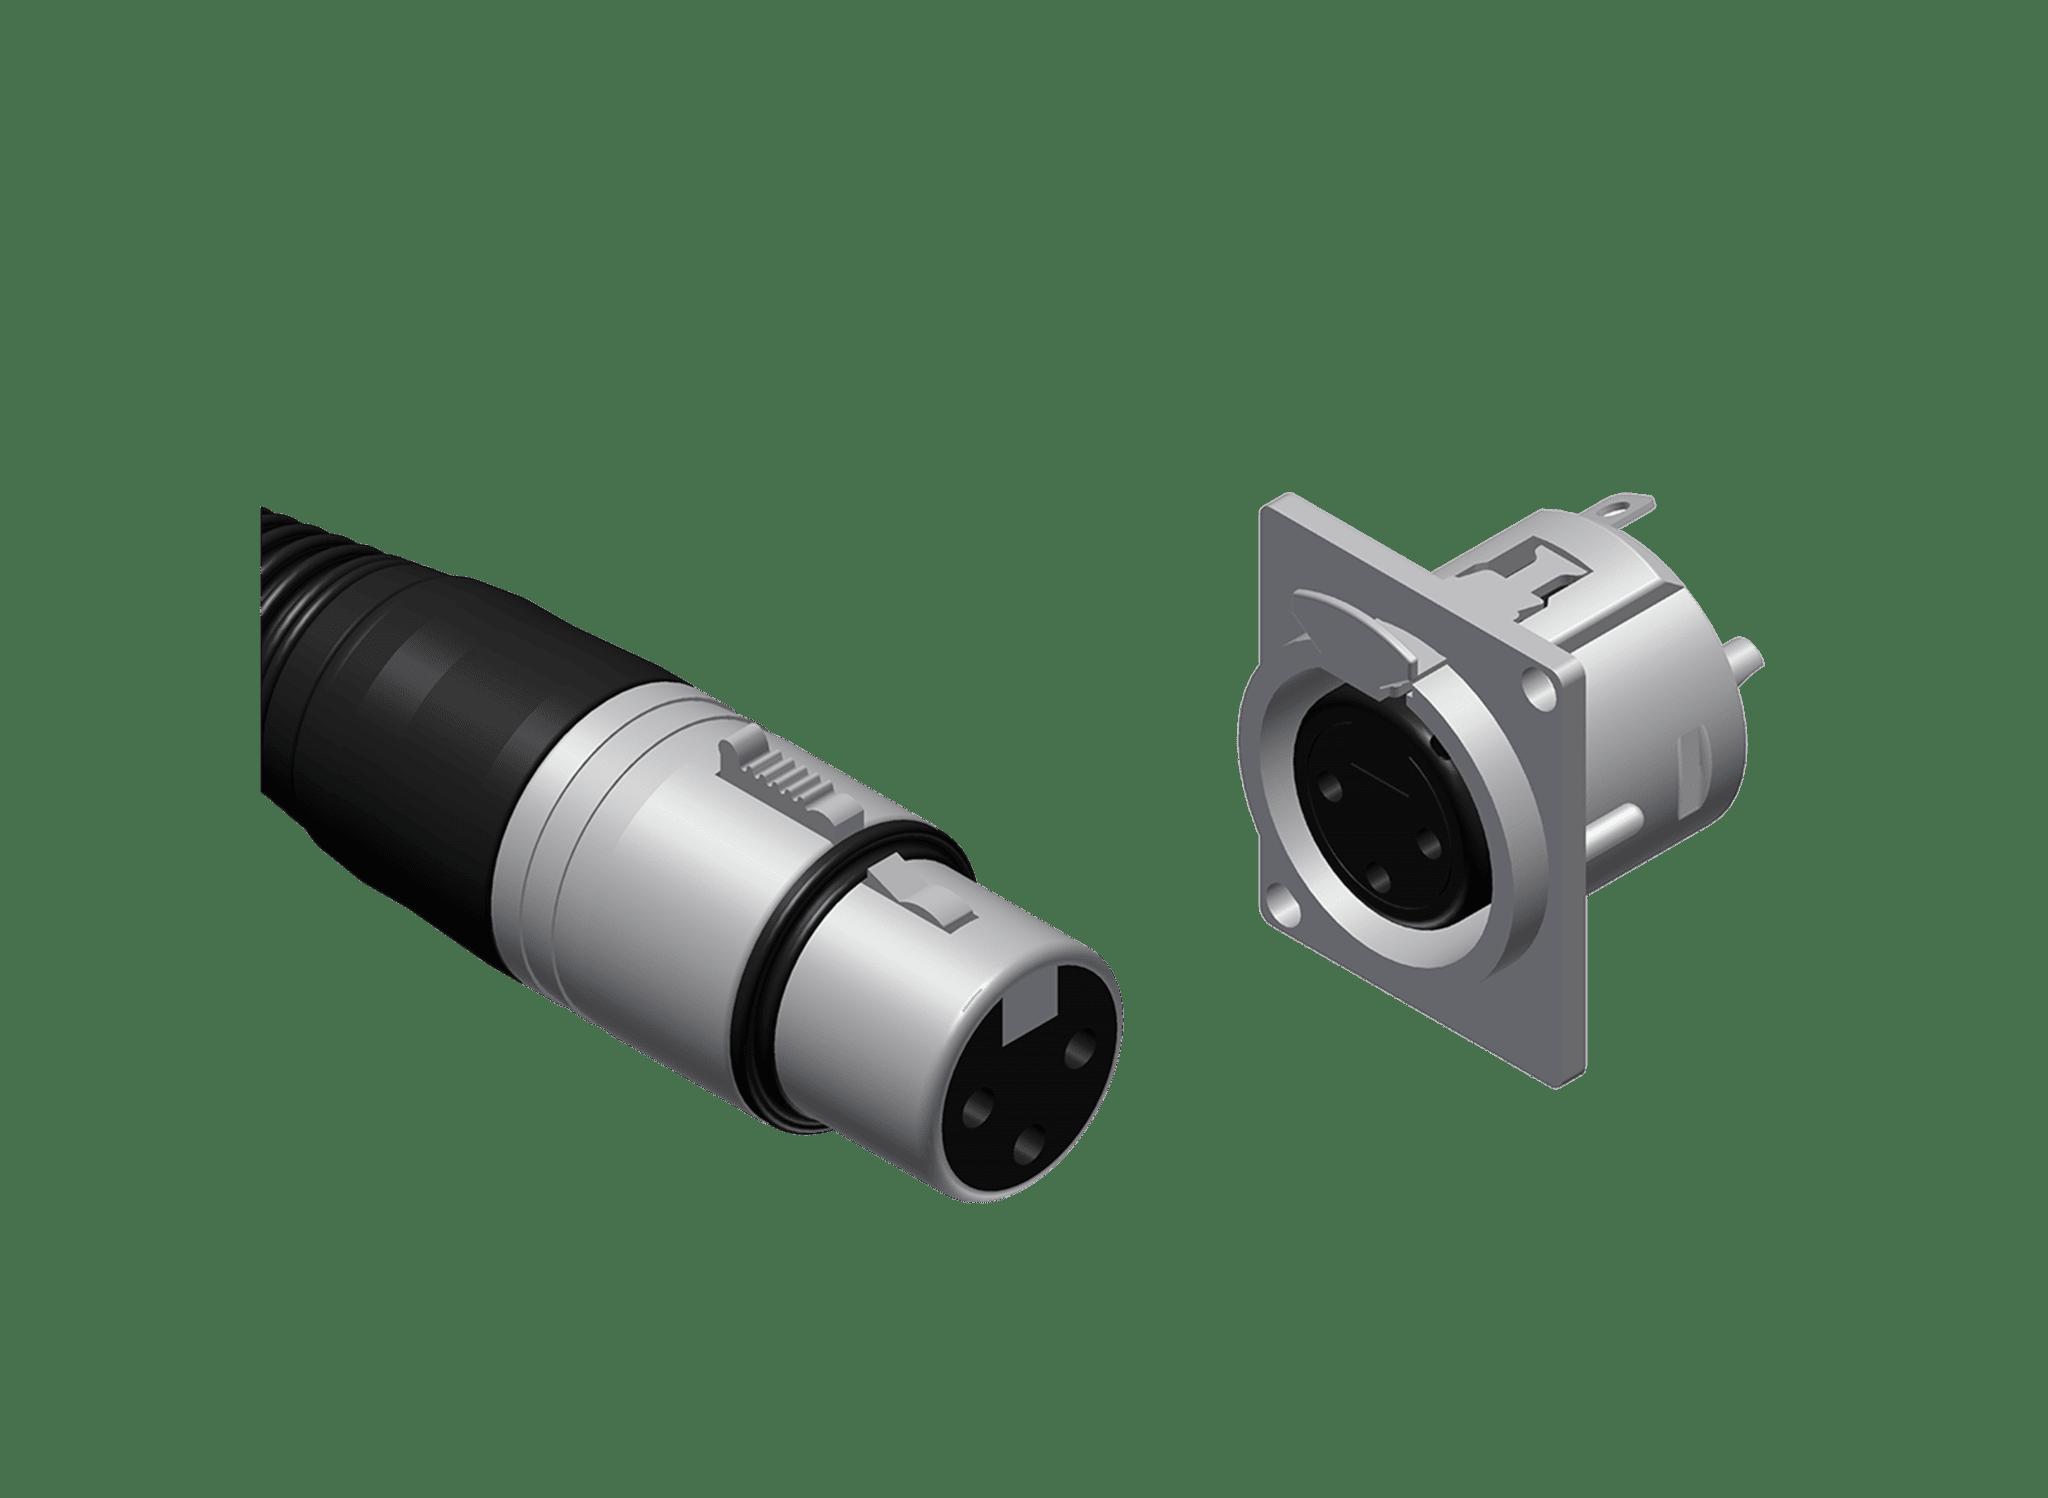 XLR connectors